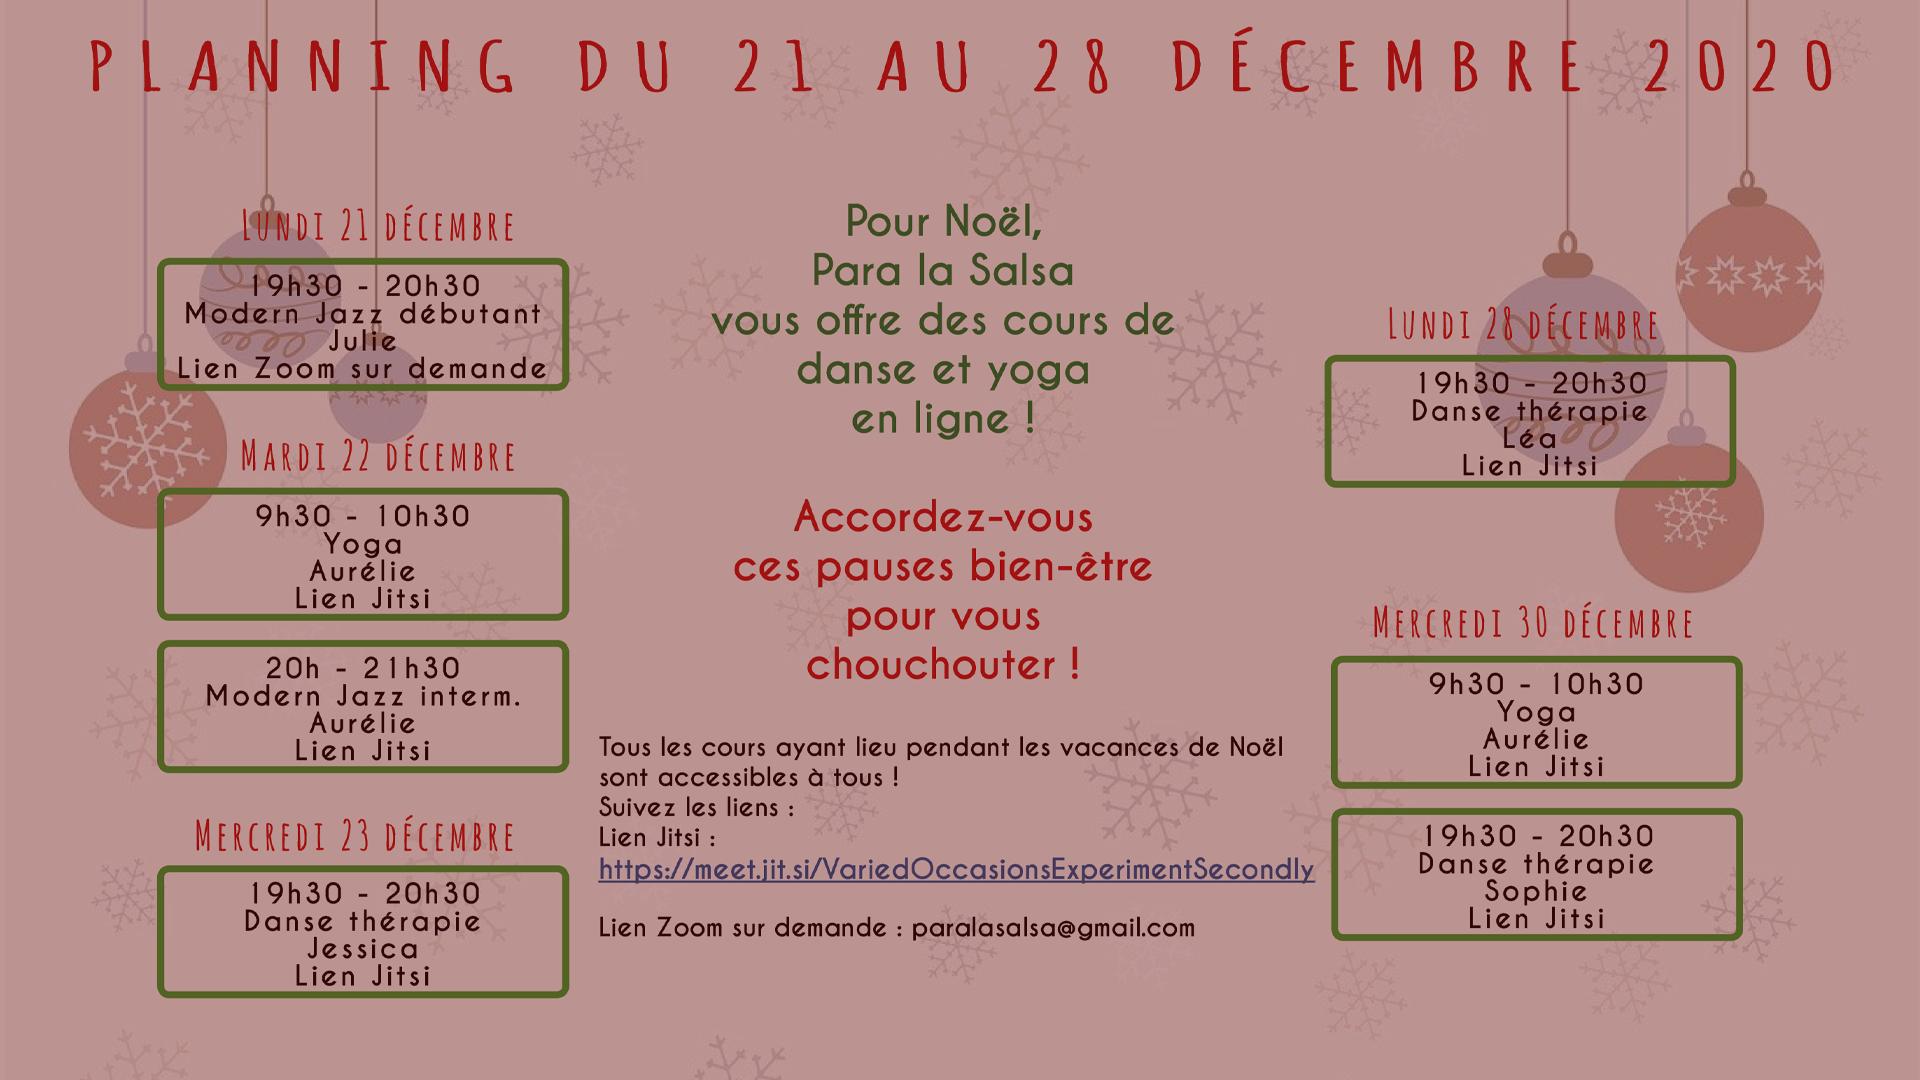 Votre cadeau pour les vacances : des cours de danse et yoga offerts